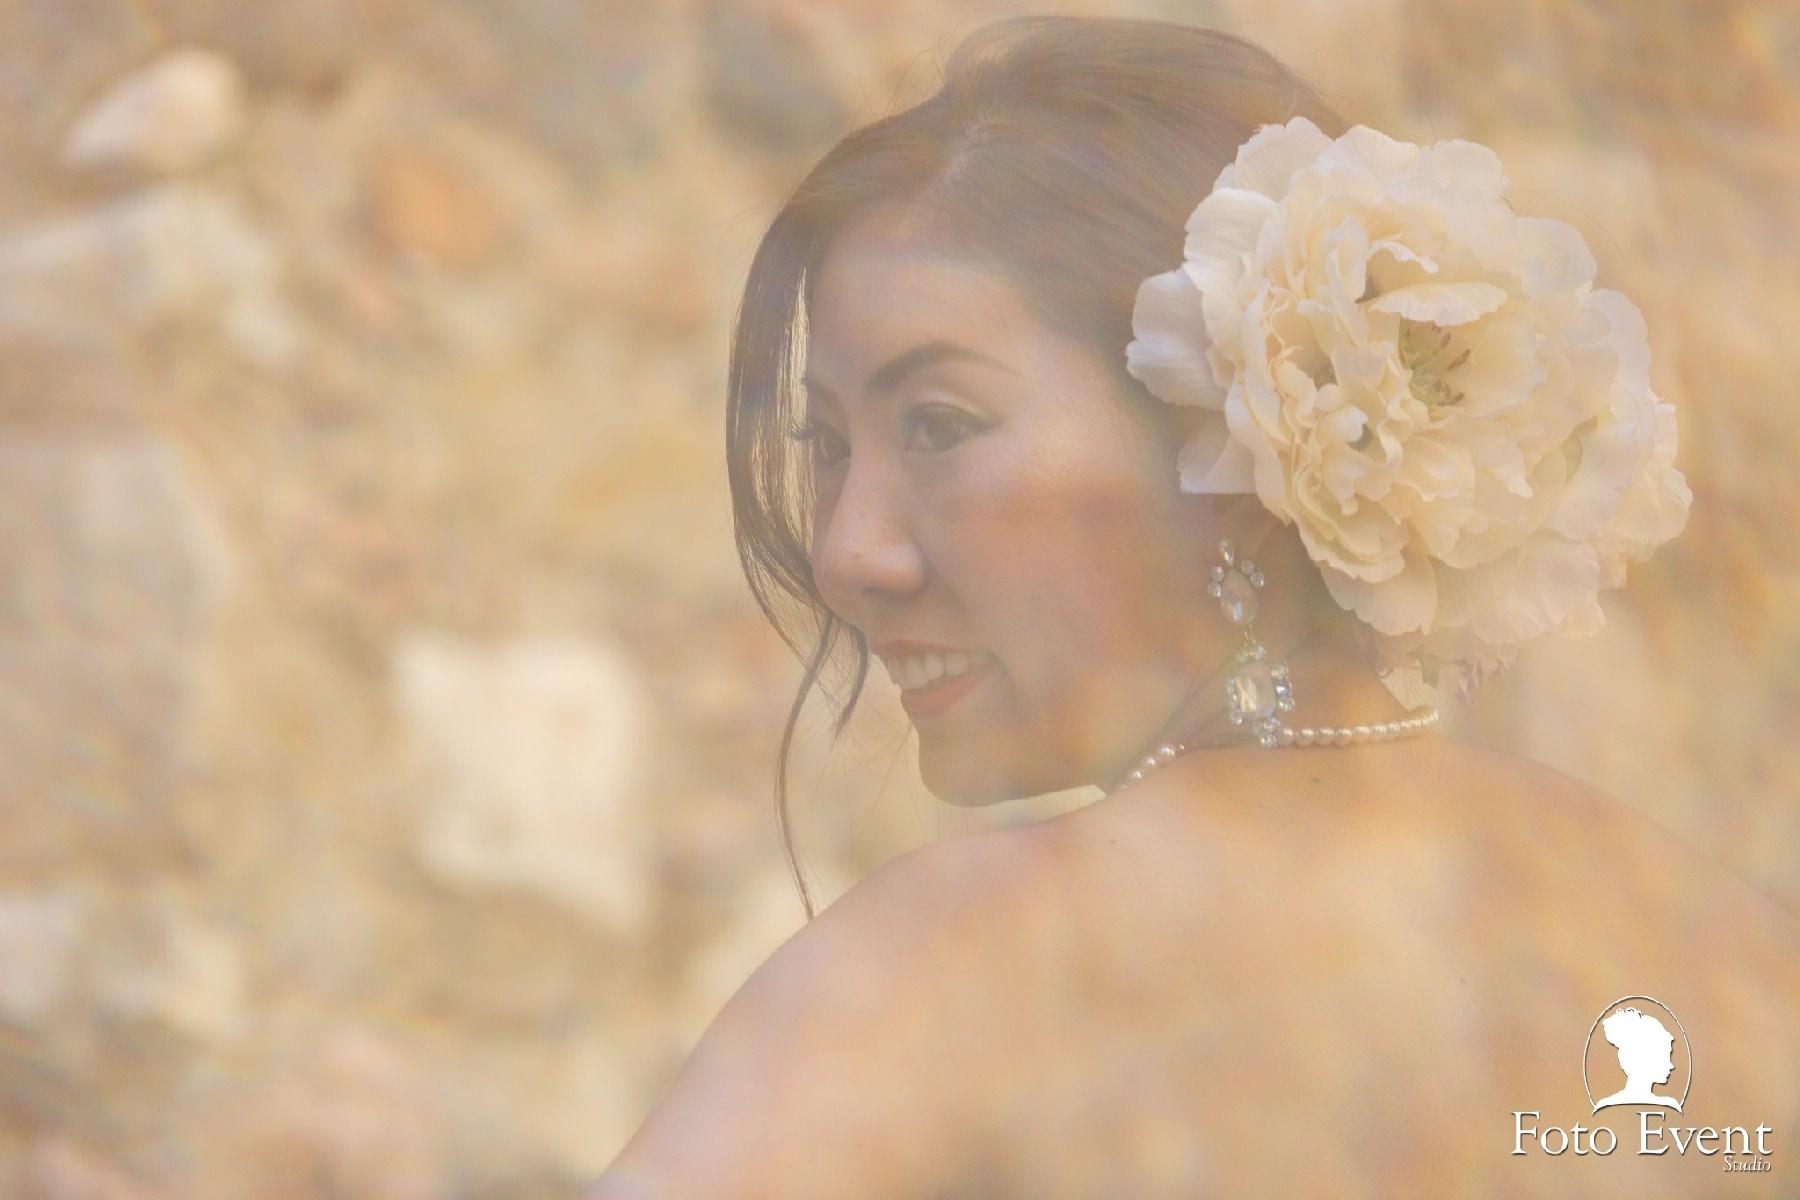 2017-07-15 Matrimonio Sayaka e Keiichi Ando zoom 372 CD FOTO